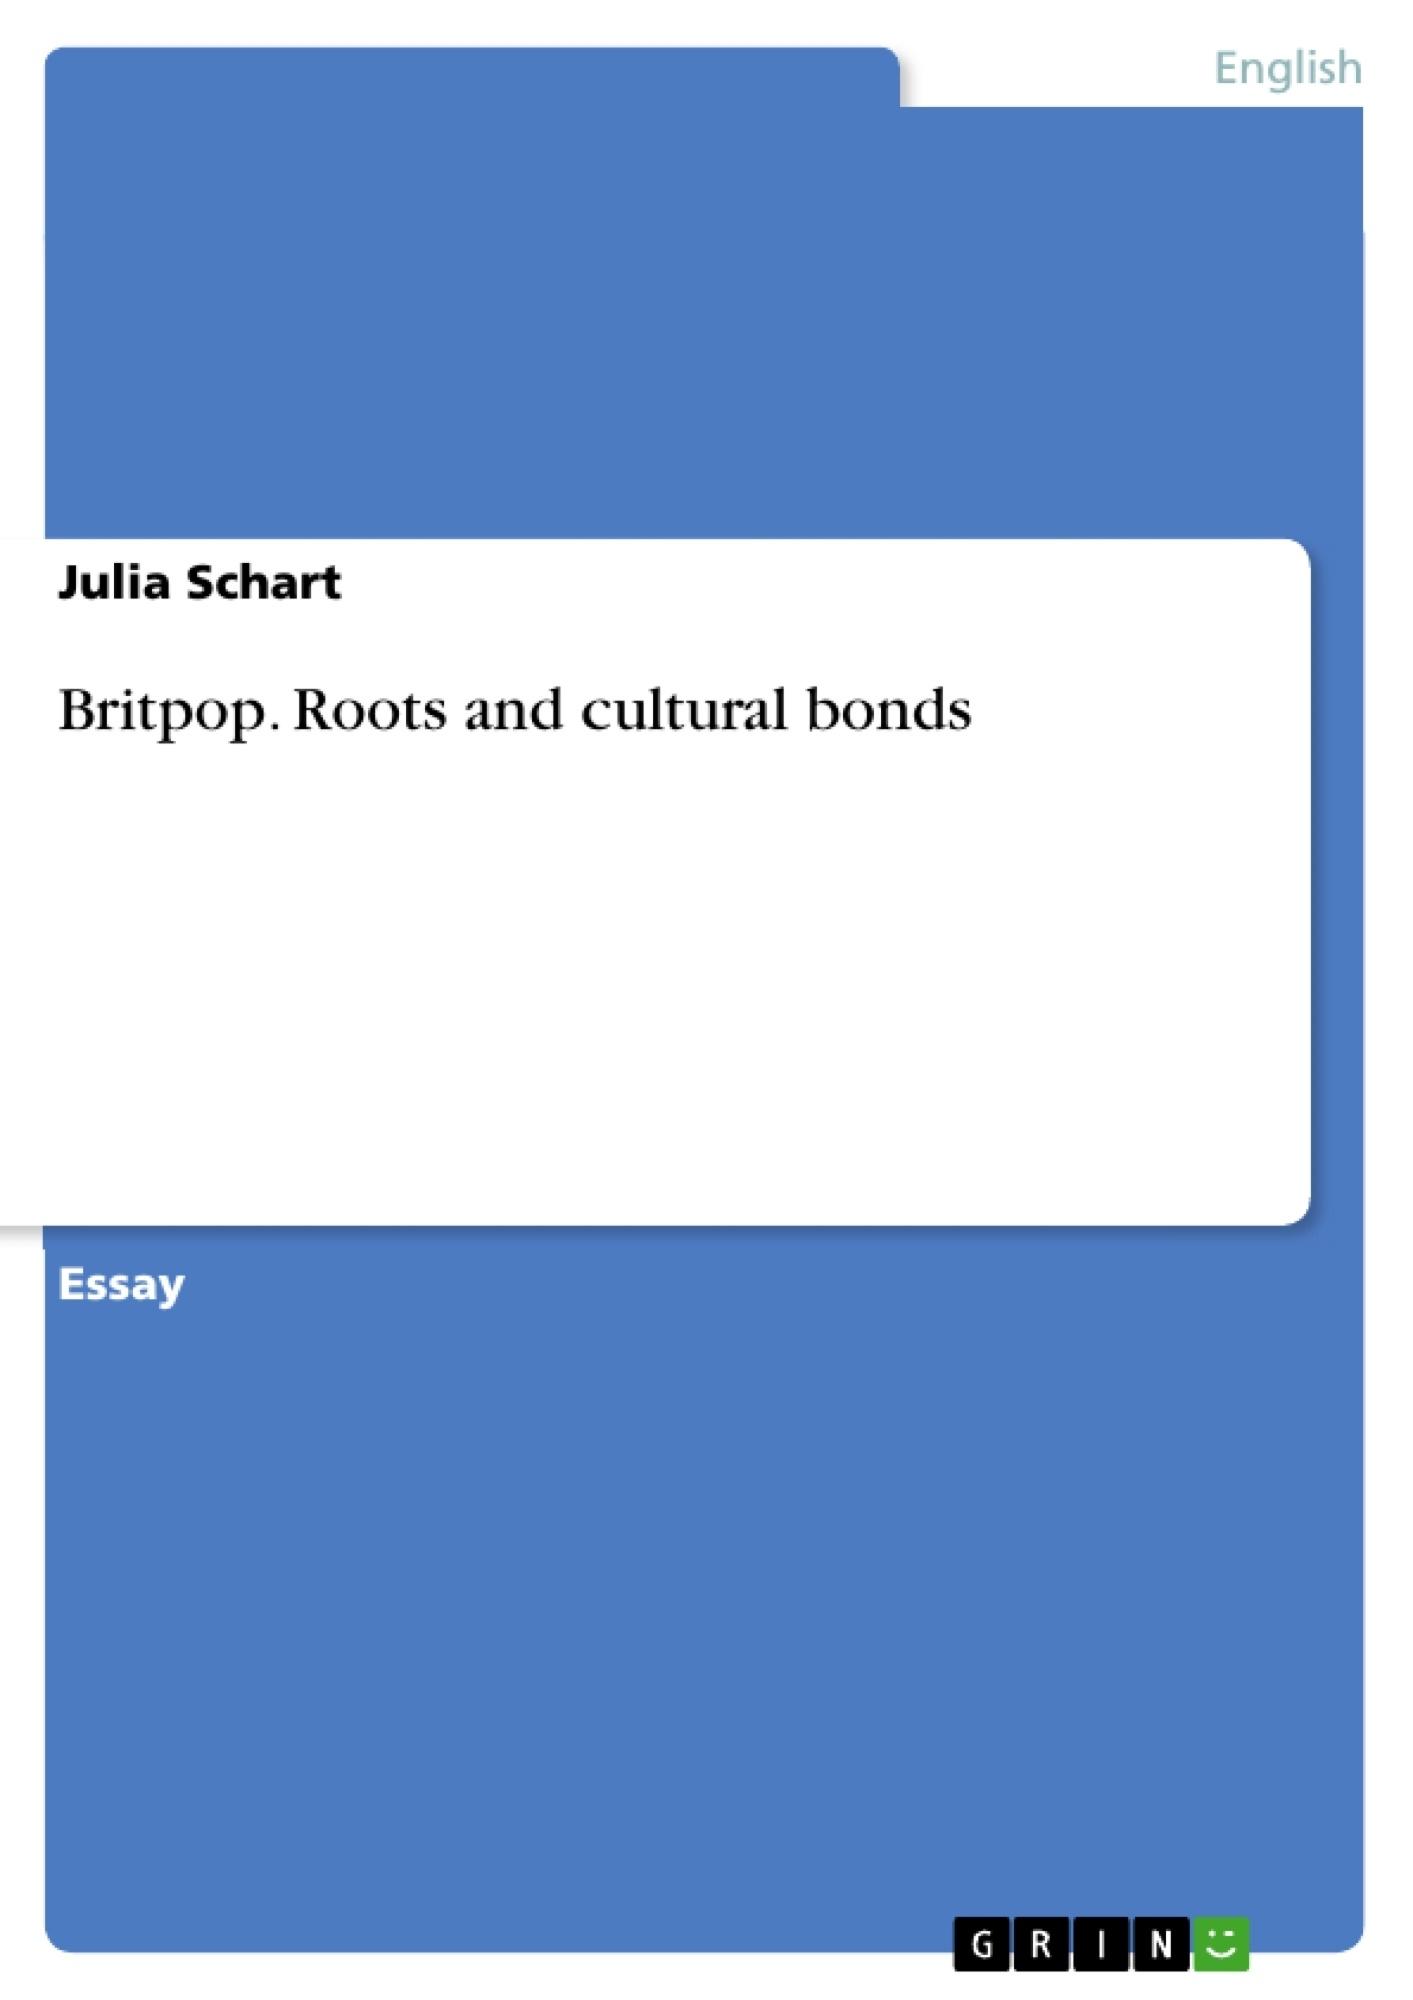 Title: Britpop. Roots and cultural bonds